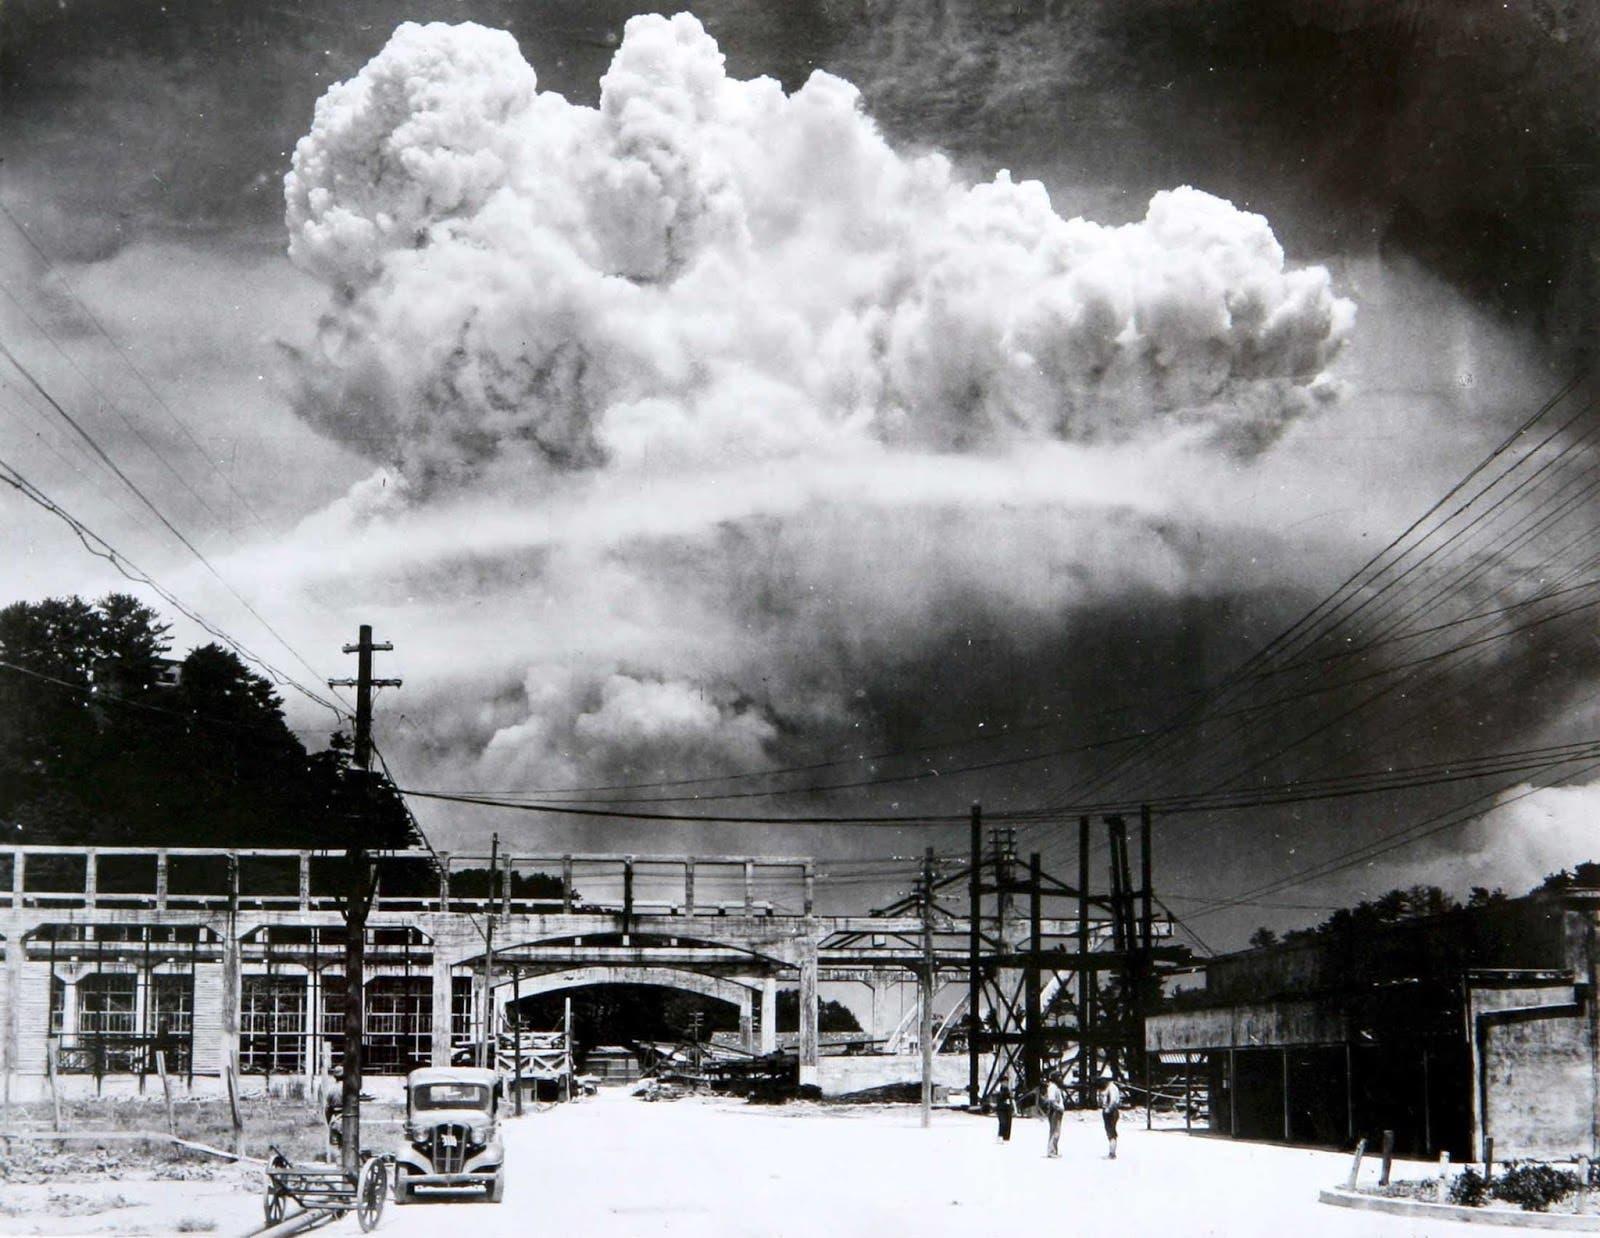 صورة لعملية قصف ناغازاكي بالقنبلة الذرية